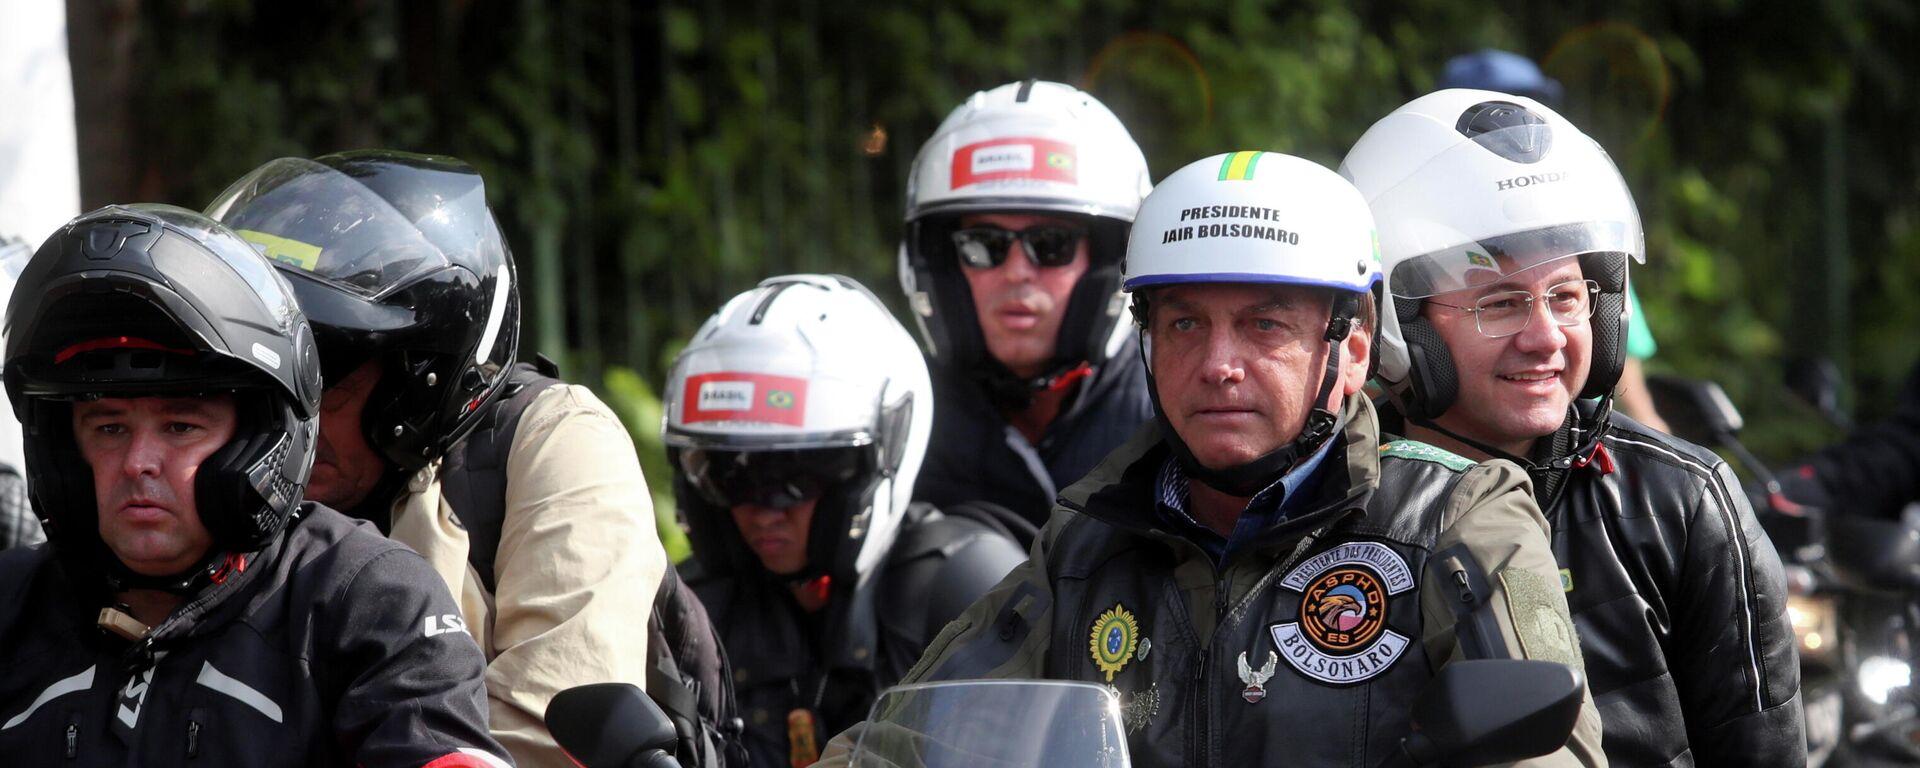 Brasiliens Präsident Bolsonaro führt Autokorso in Sao Paulo an - SNA, 1920, 13.06.2021